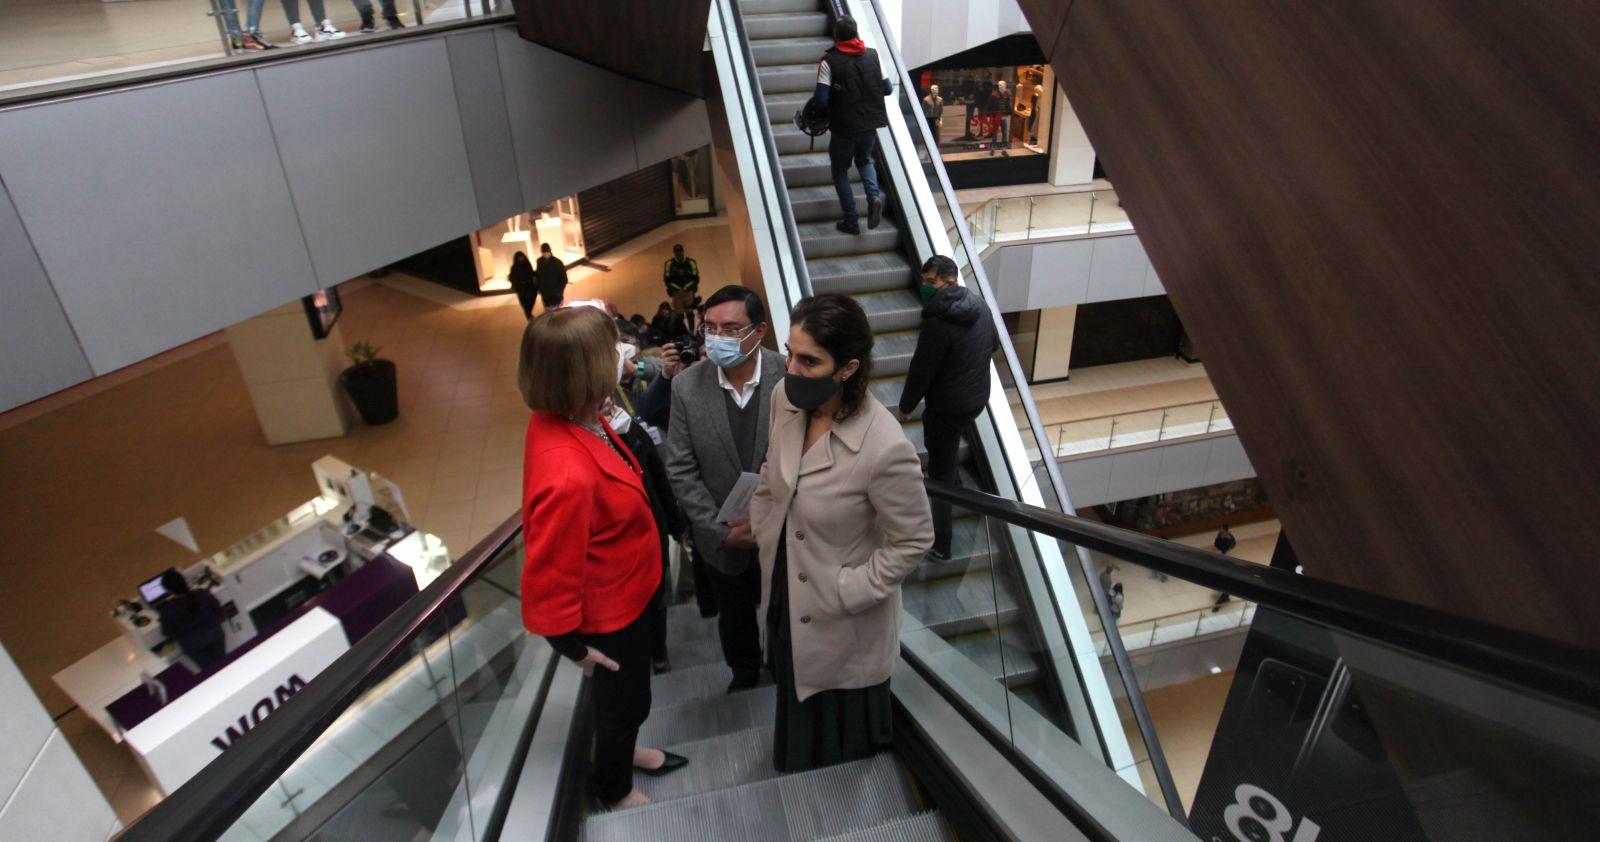 Autoridades evaluaron positivamente el primer día de reapertura del Costanera Center